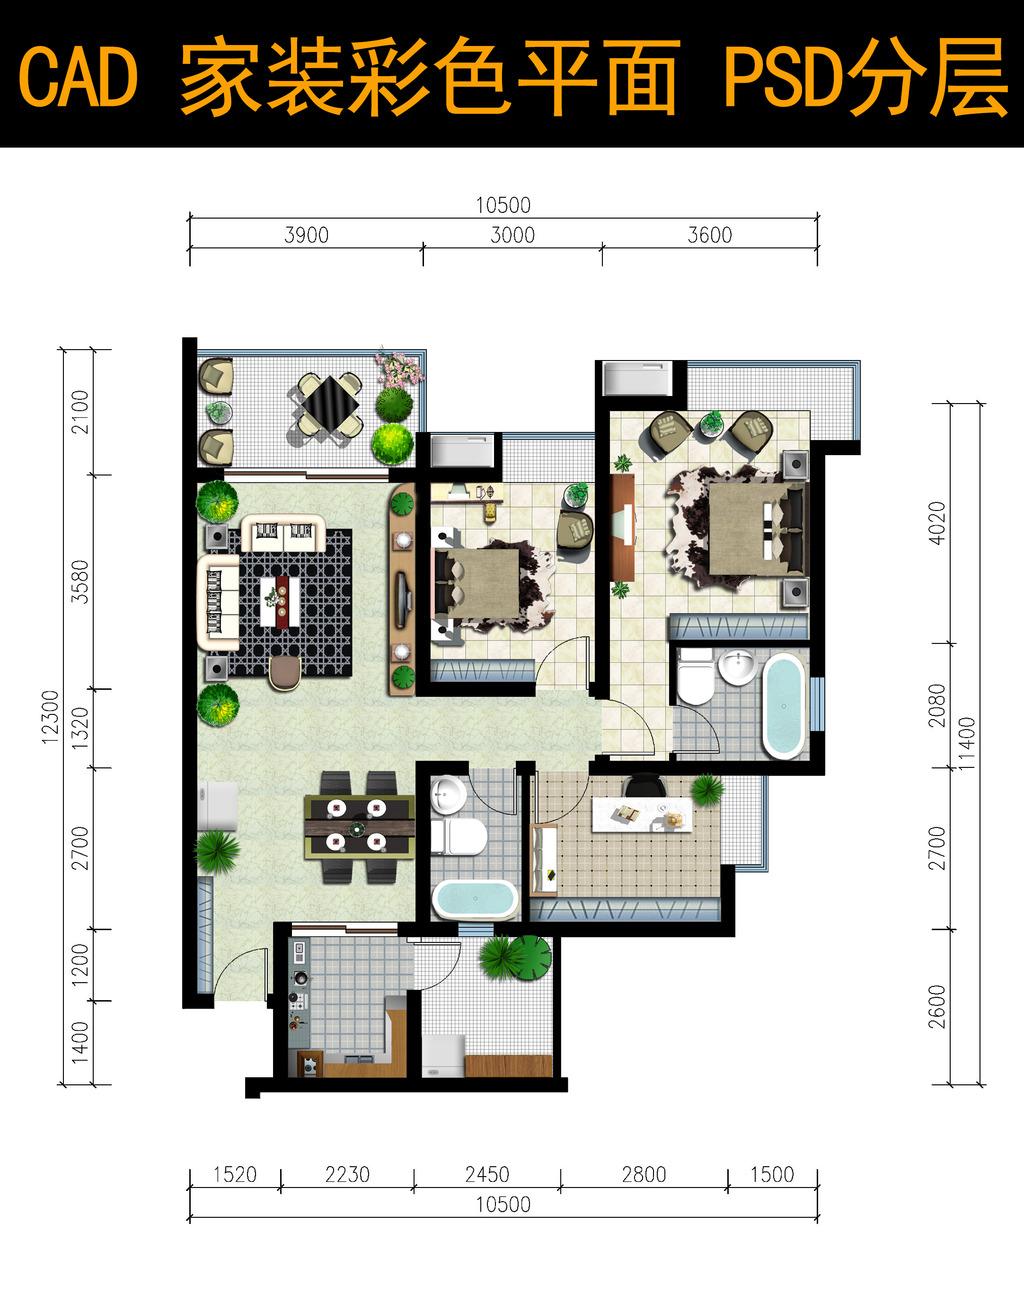 三室两厅室内设计psd分层彩平户型图